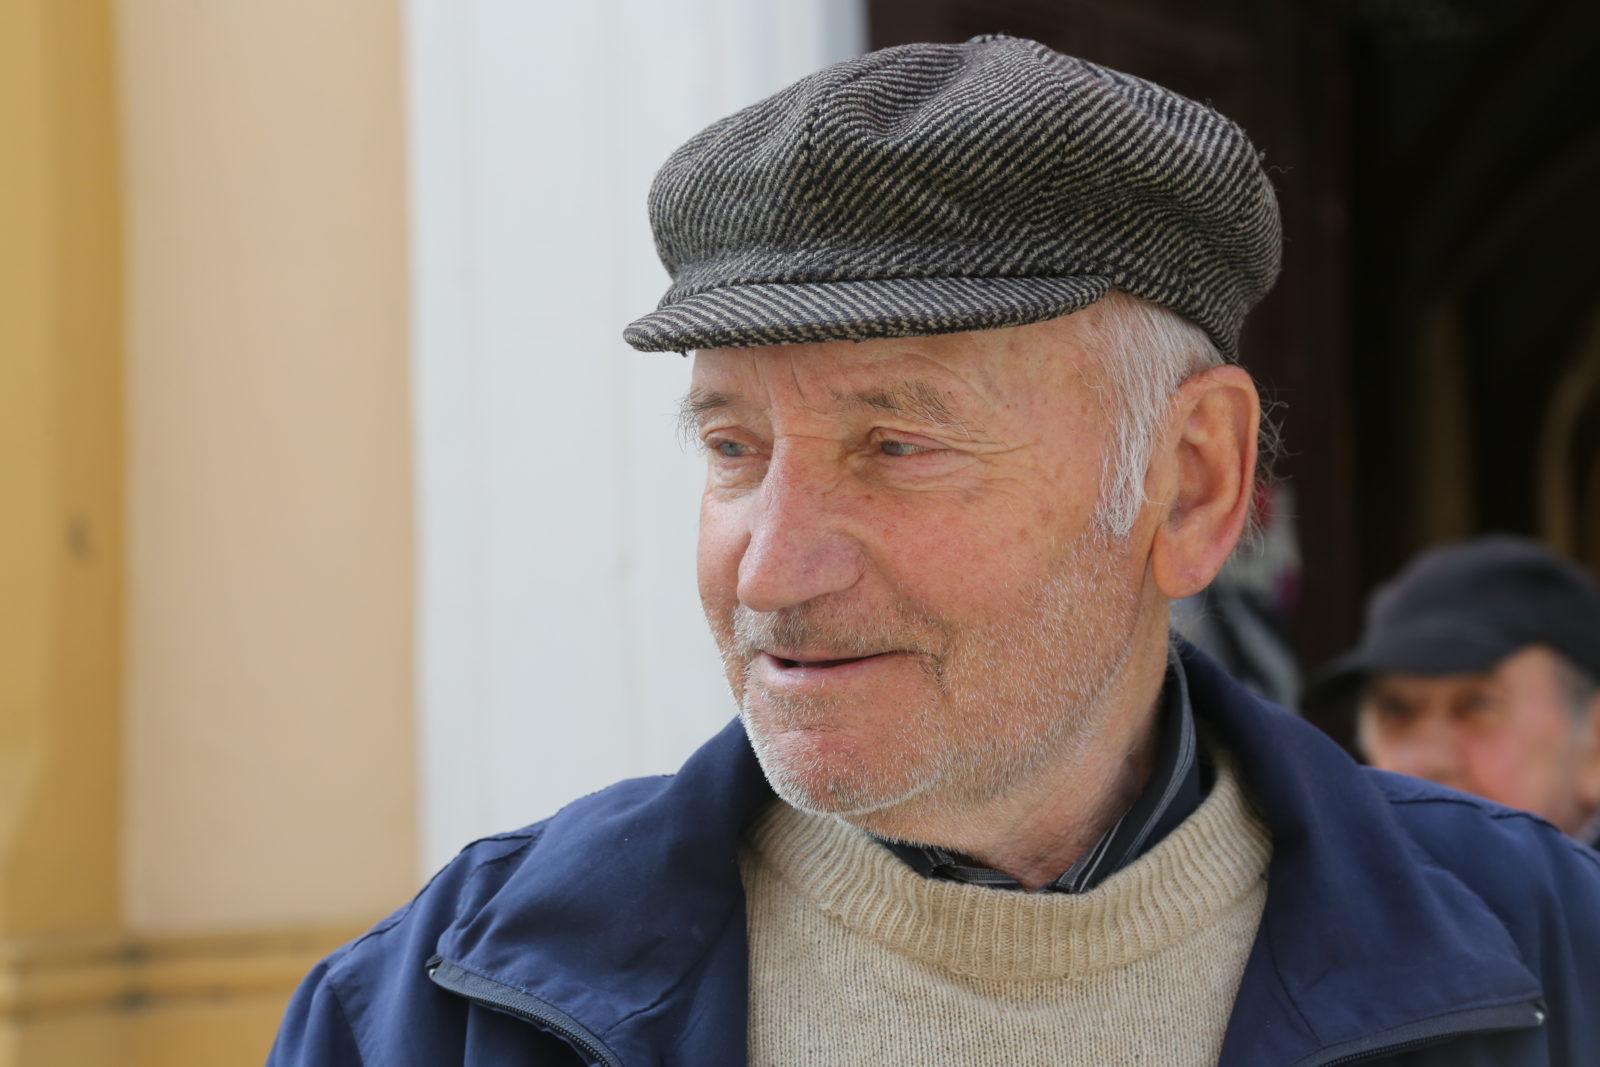 Radomir Jovanović